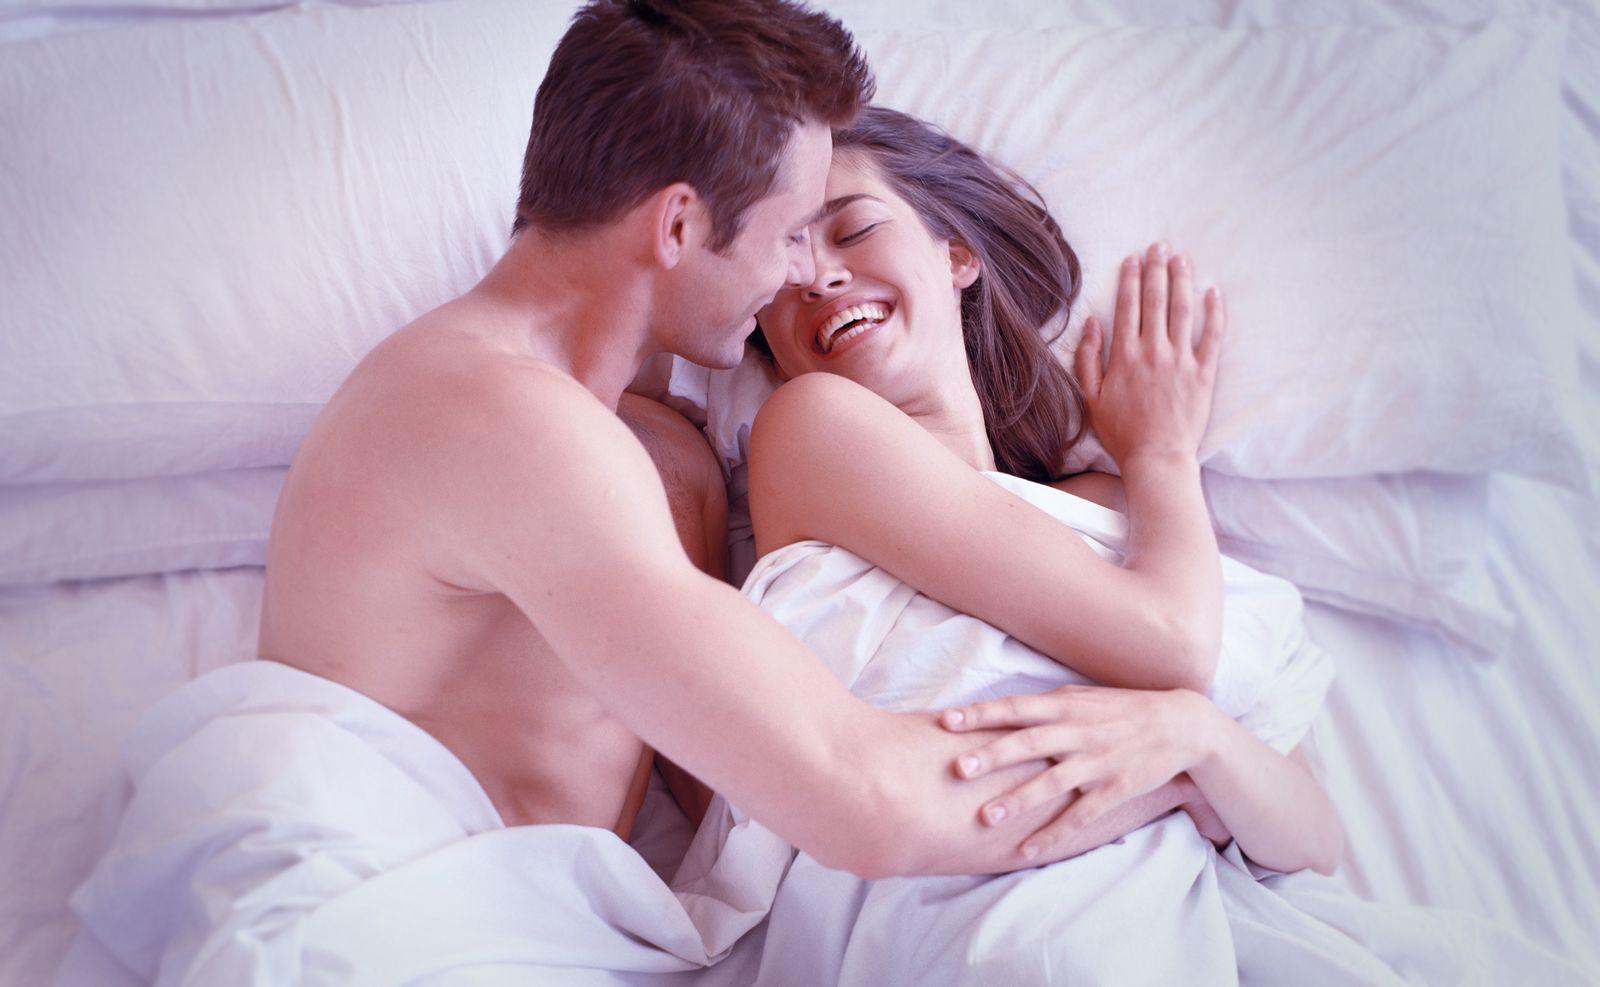 10 ways to make your bedroom sexier bedrooms master bedroom and 10 ways to make your bedroom sexier